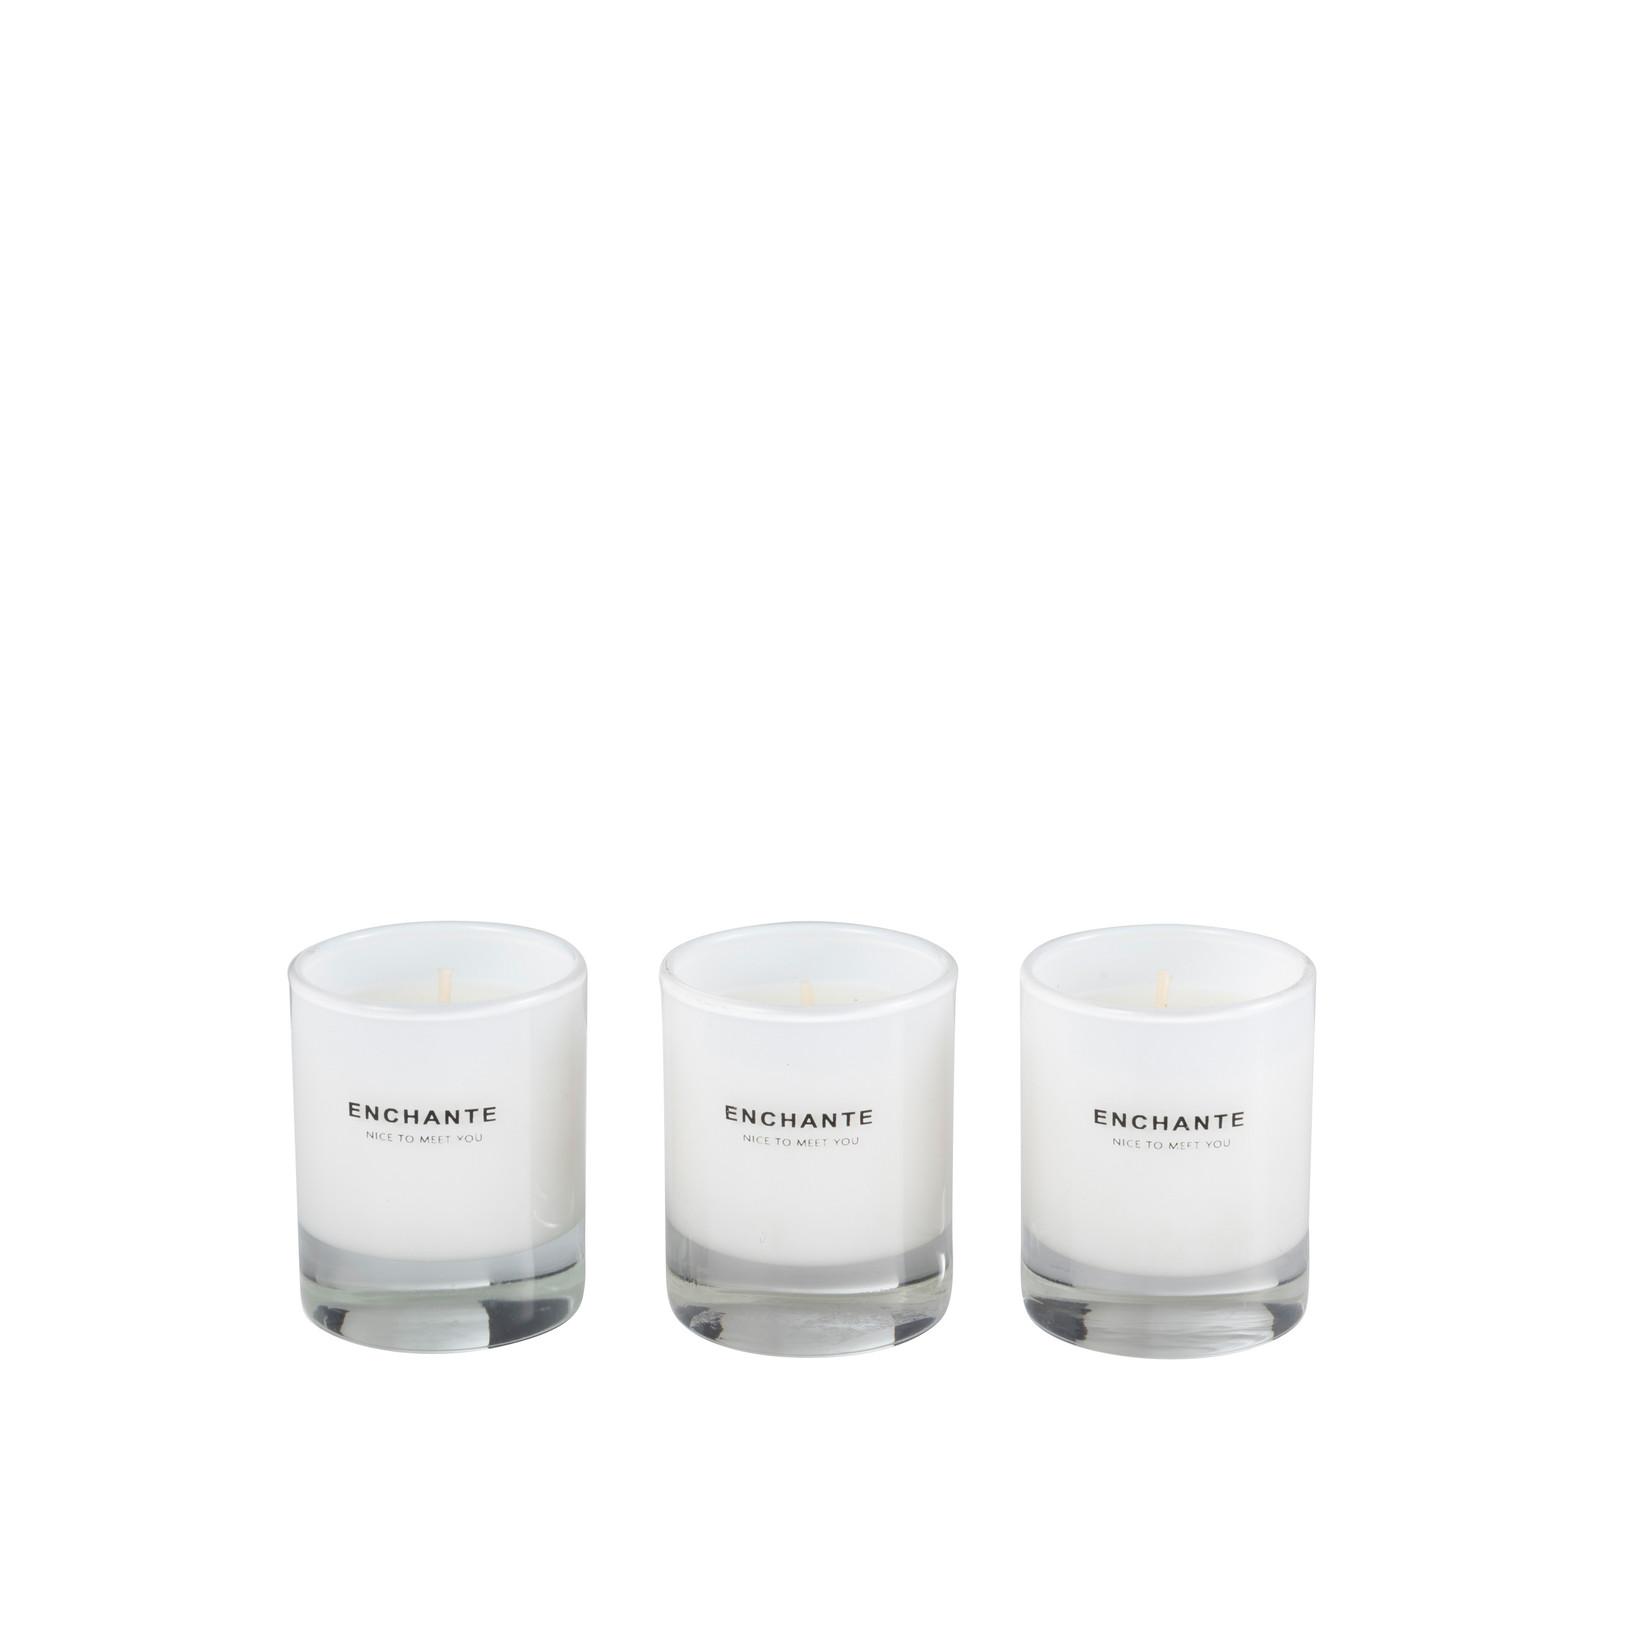 J-Line DOOS VAN 3 GEURKAARS ENCHANTE GLAS WIT-10U